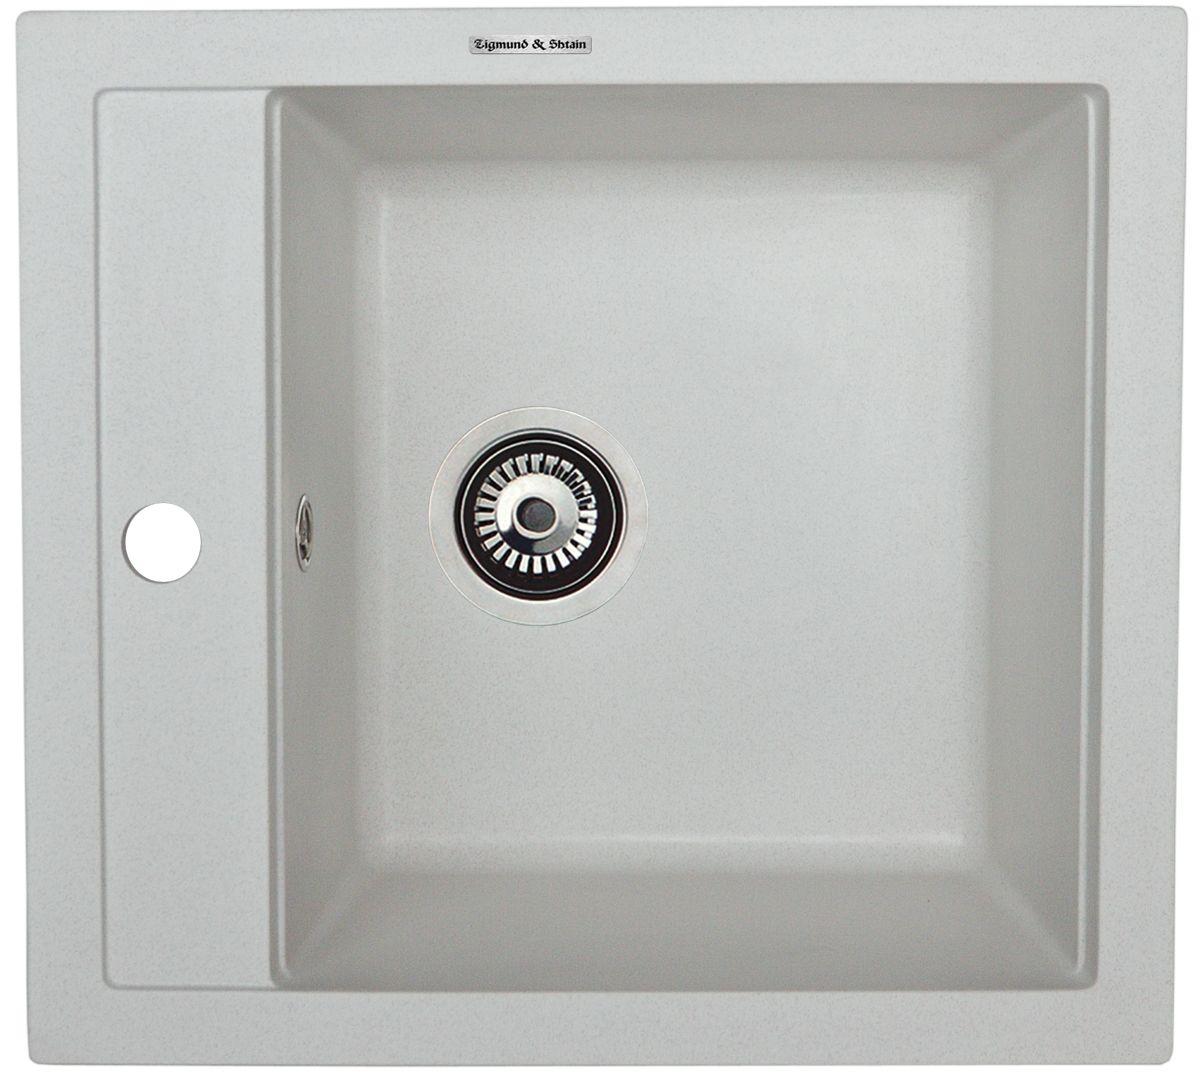 Zigmund & Shtain PLATZ 465, кухонная мойка, иск.гранит, 1чаша, форма-квадрат, глубина -21 см, ЦВЕТ каменная соль